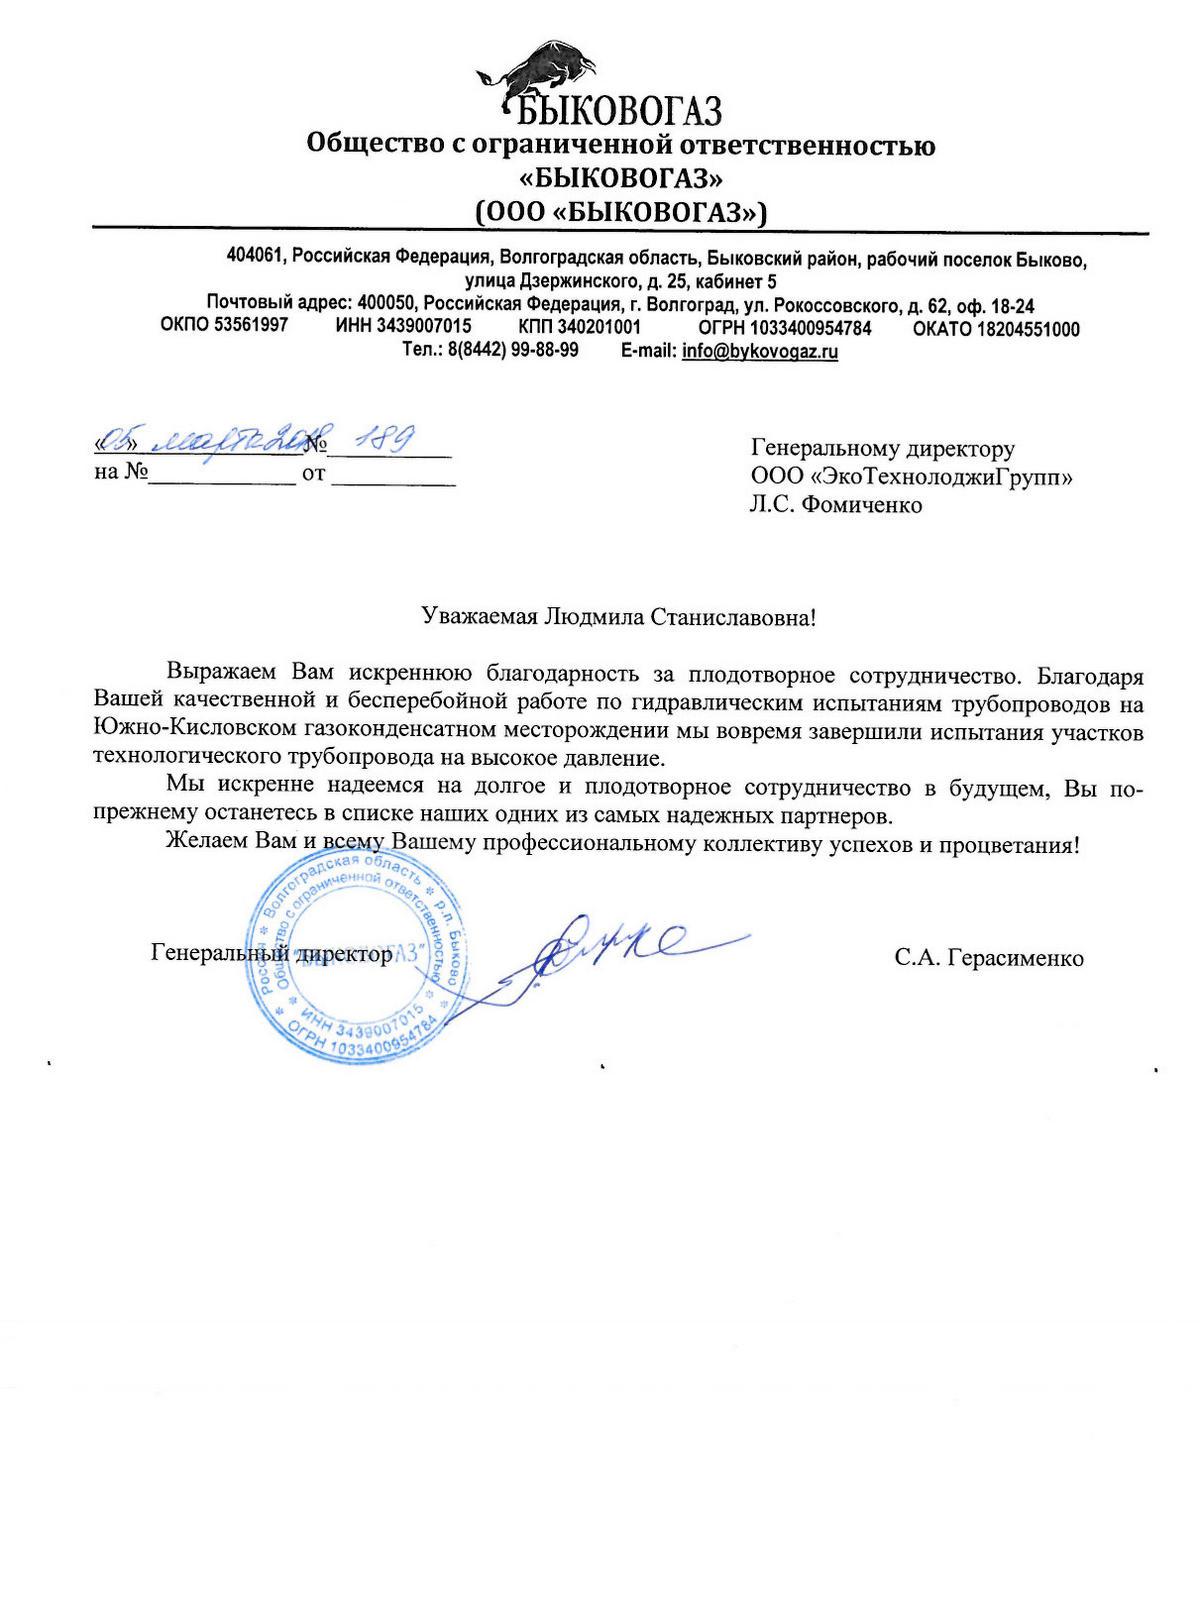 """Отзыв ООО """"Быковогаз"""""""